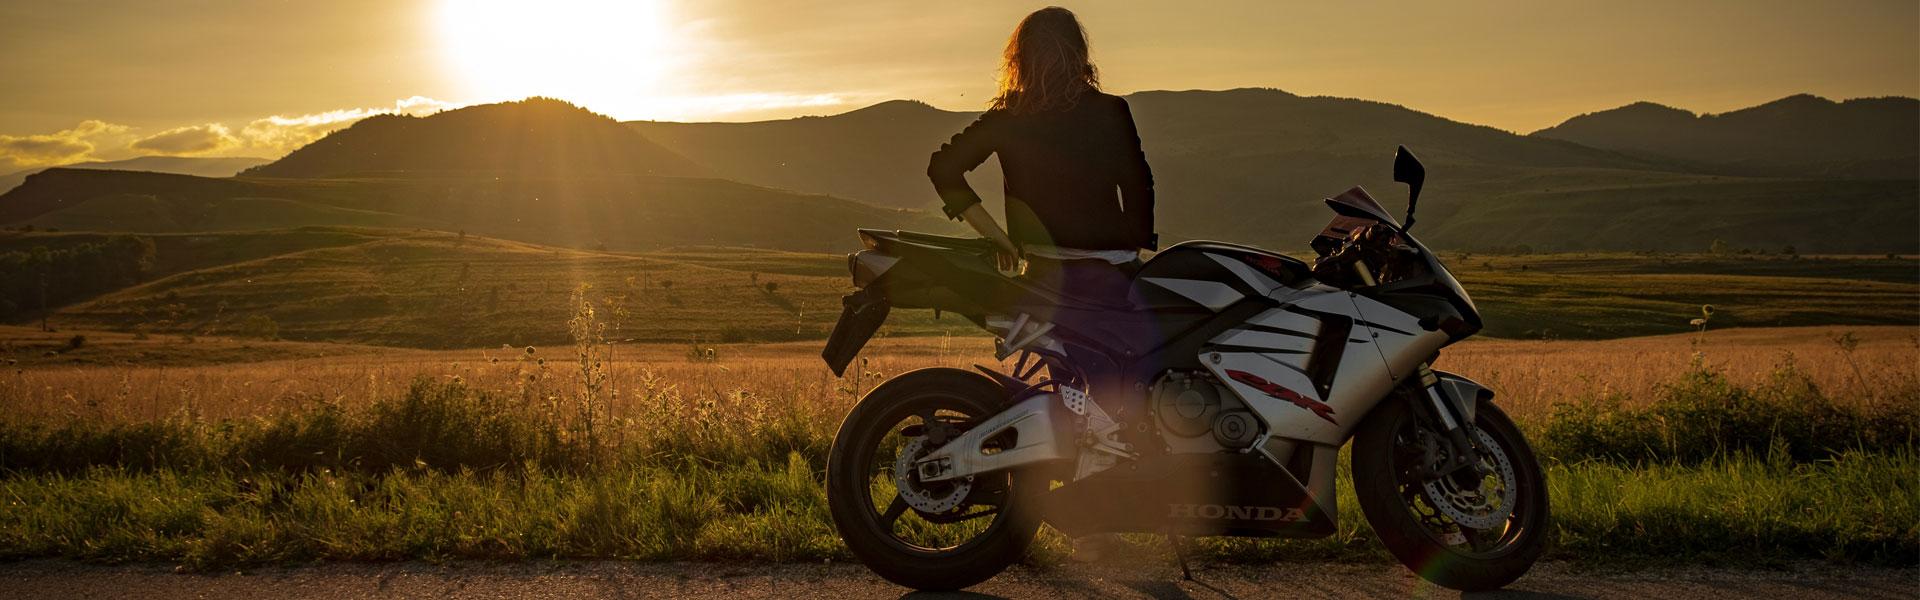 Les femmes conduisent mieux que les hommes